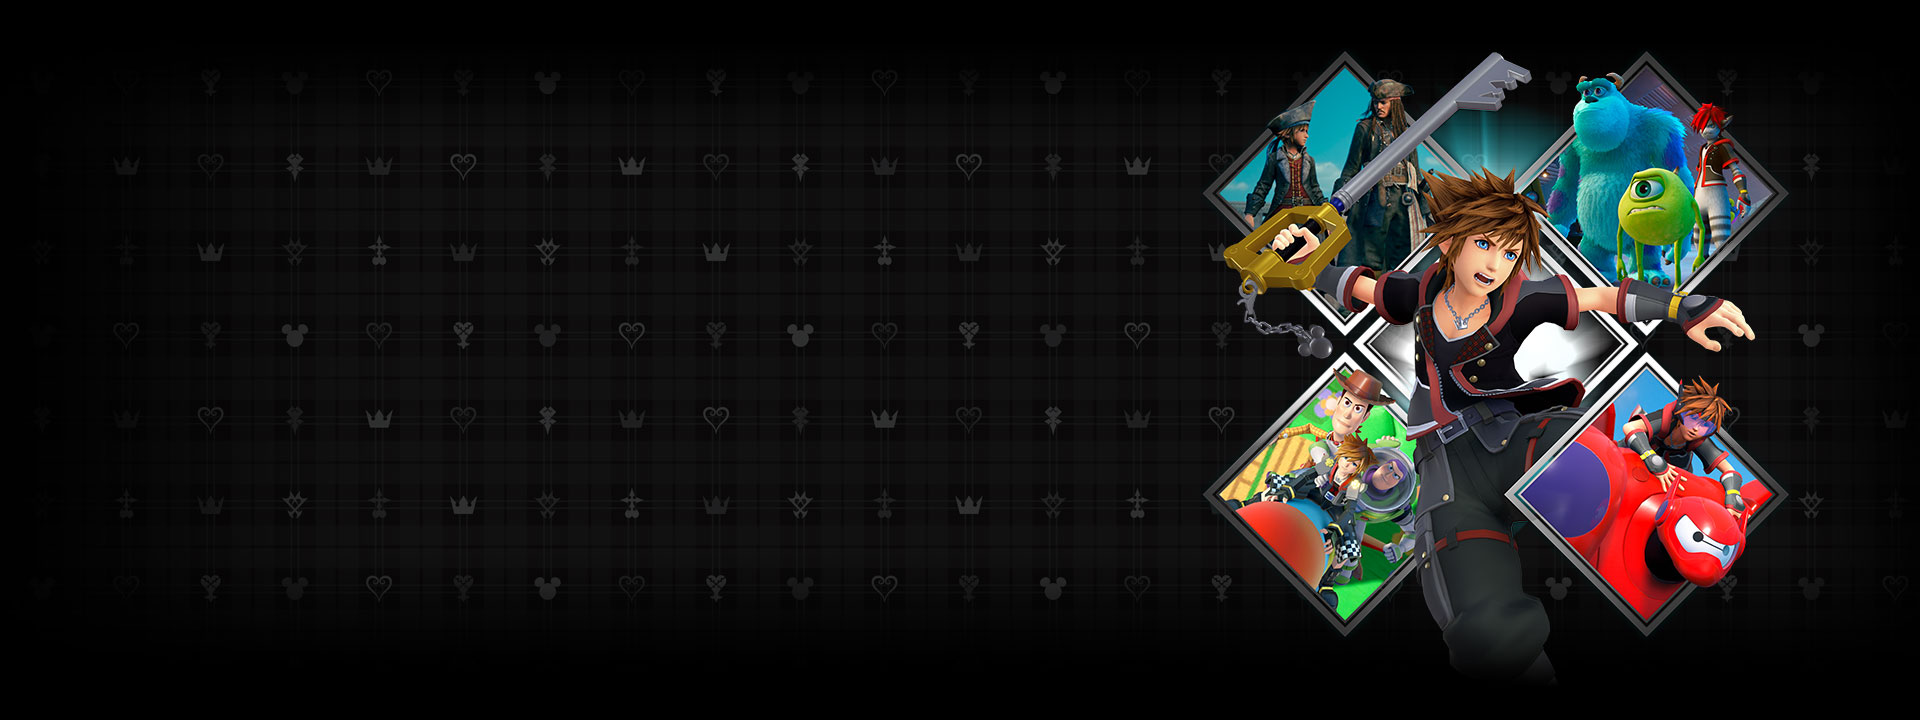 Sora houdt een keyblade vast in het midden van een X, omringd door game art van verschillende Disney- en Pixar-werelden